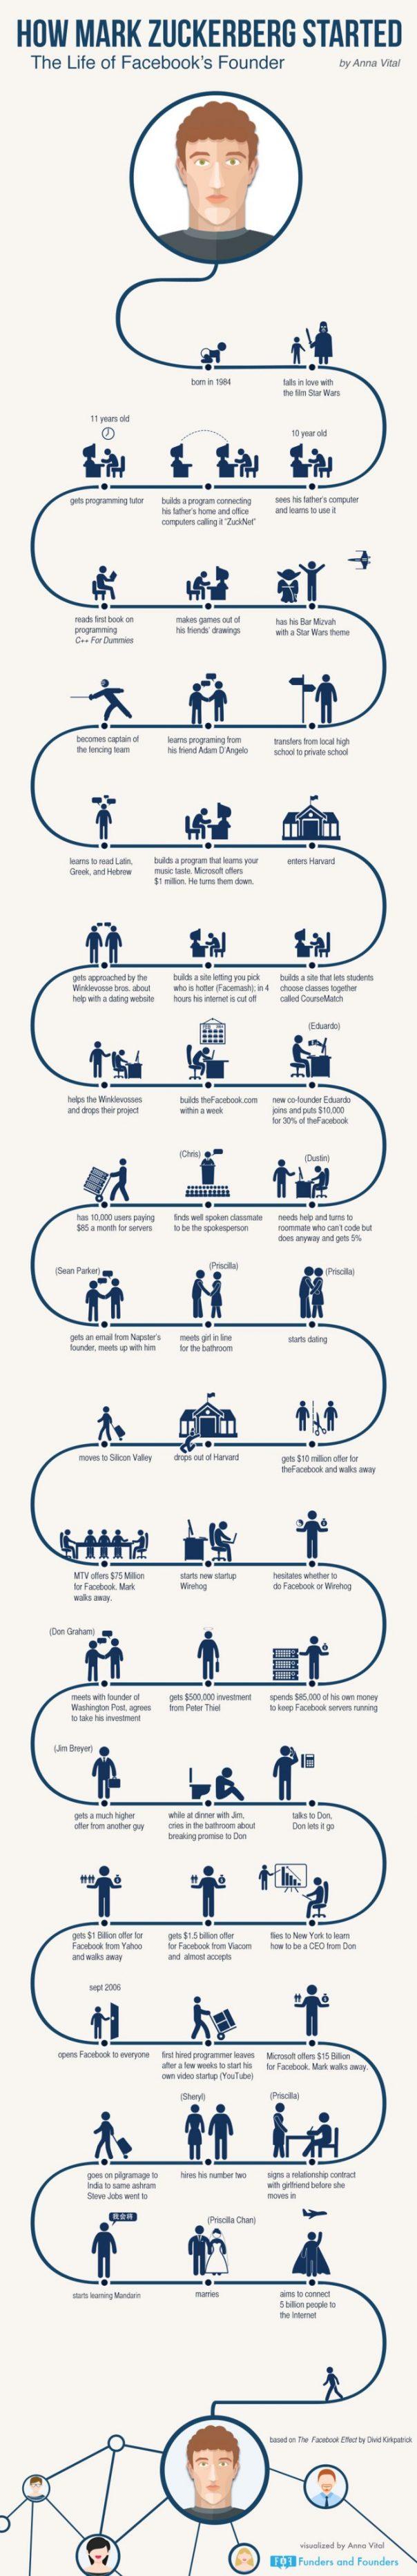 Mark Zuckerberg : Timeline de sa vie